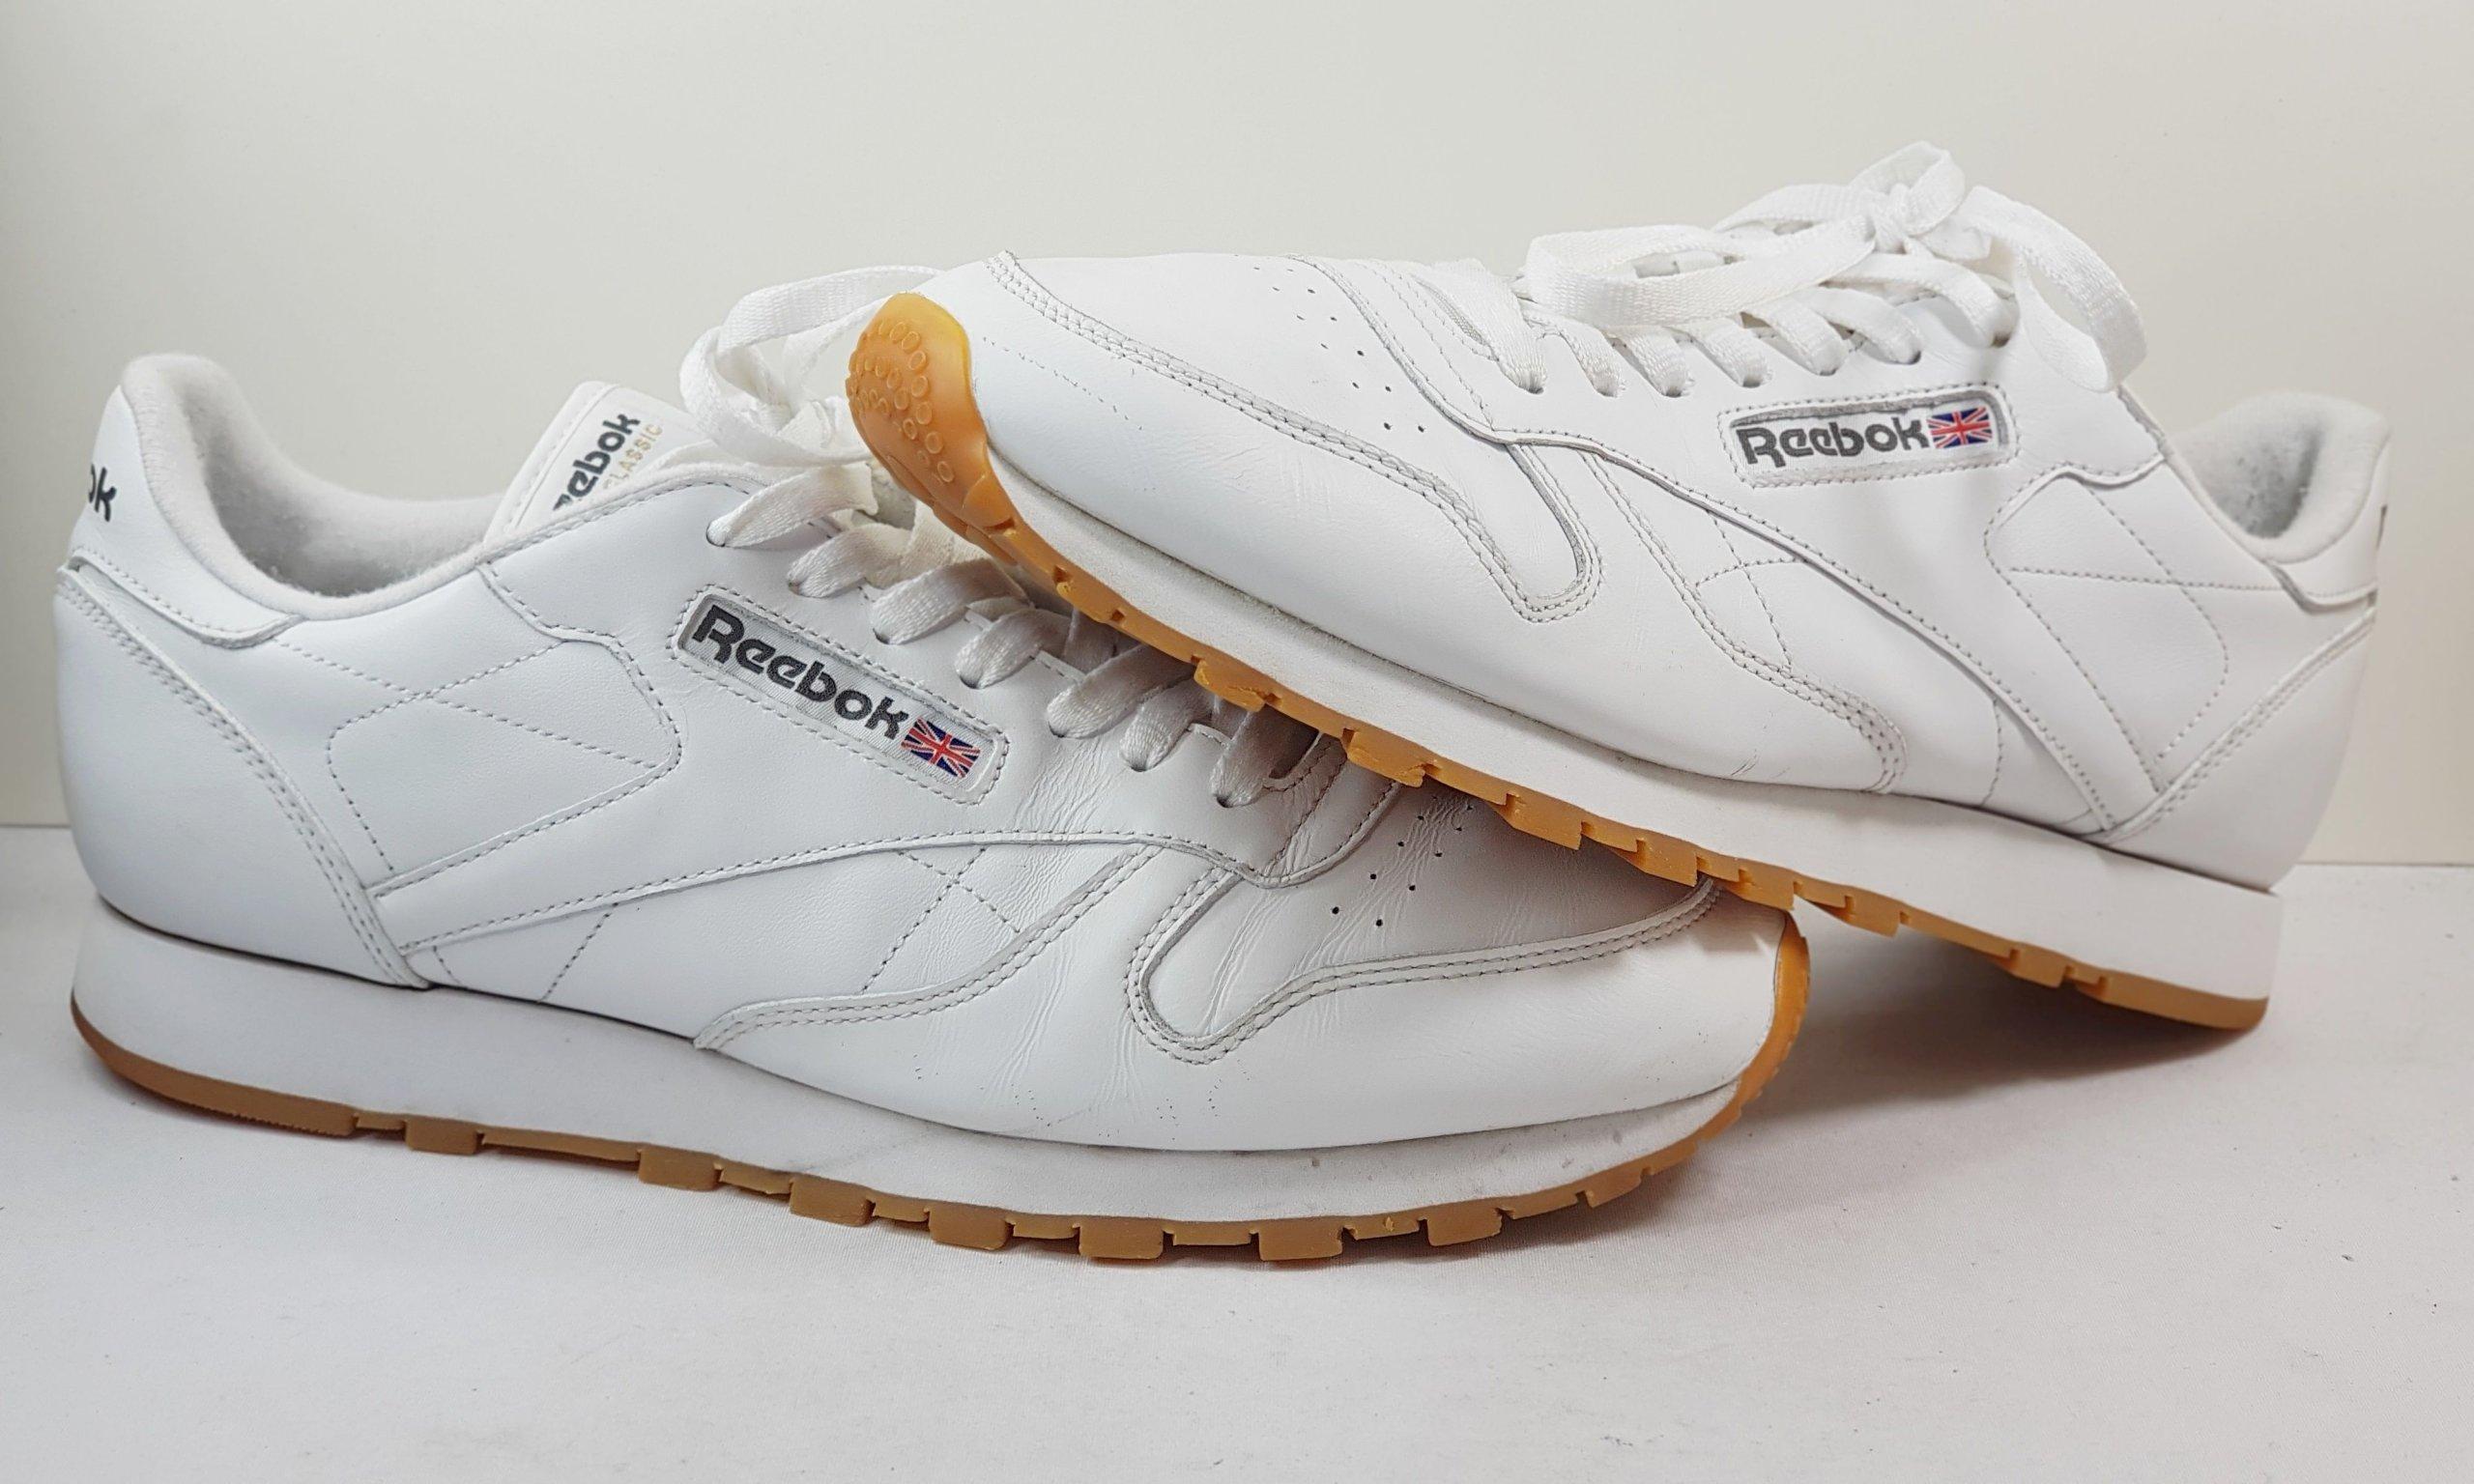 8624f1e7 REEBOK CLASSIC buty męskie sportowe r.45 - 7426414714 - oficjalne ...